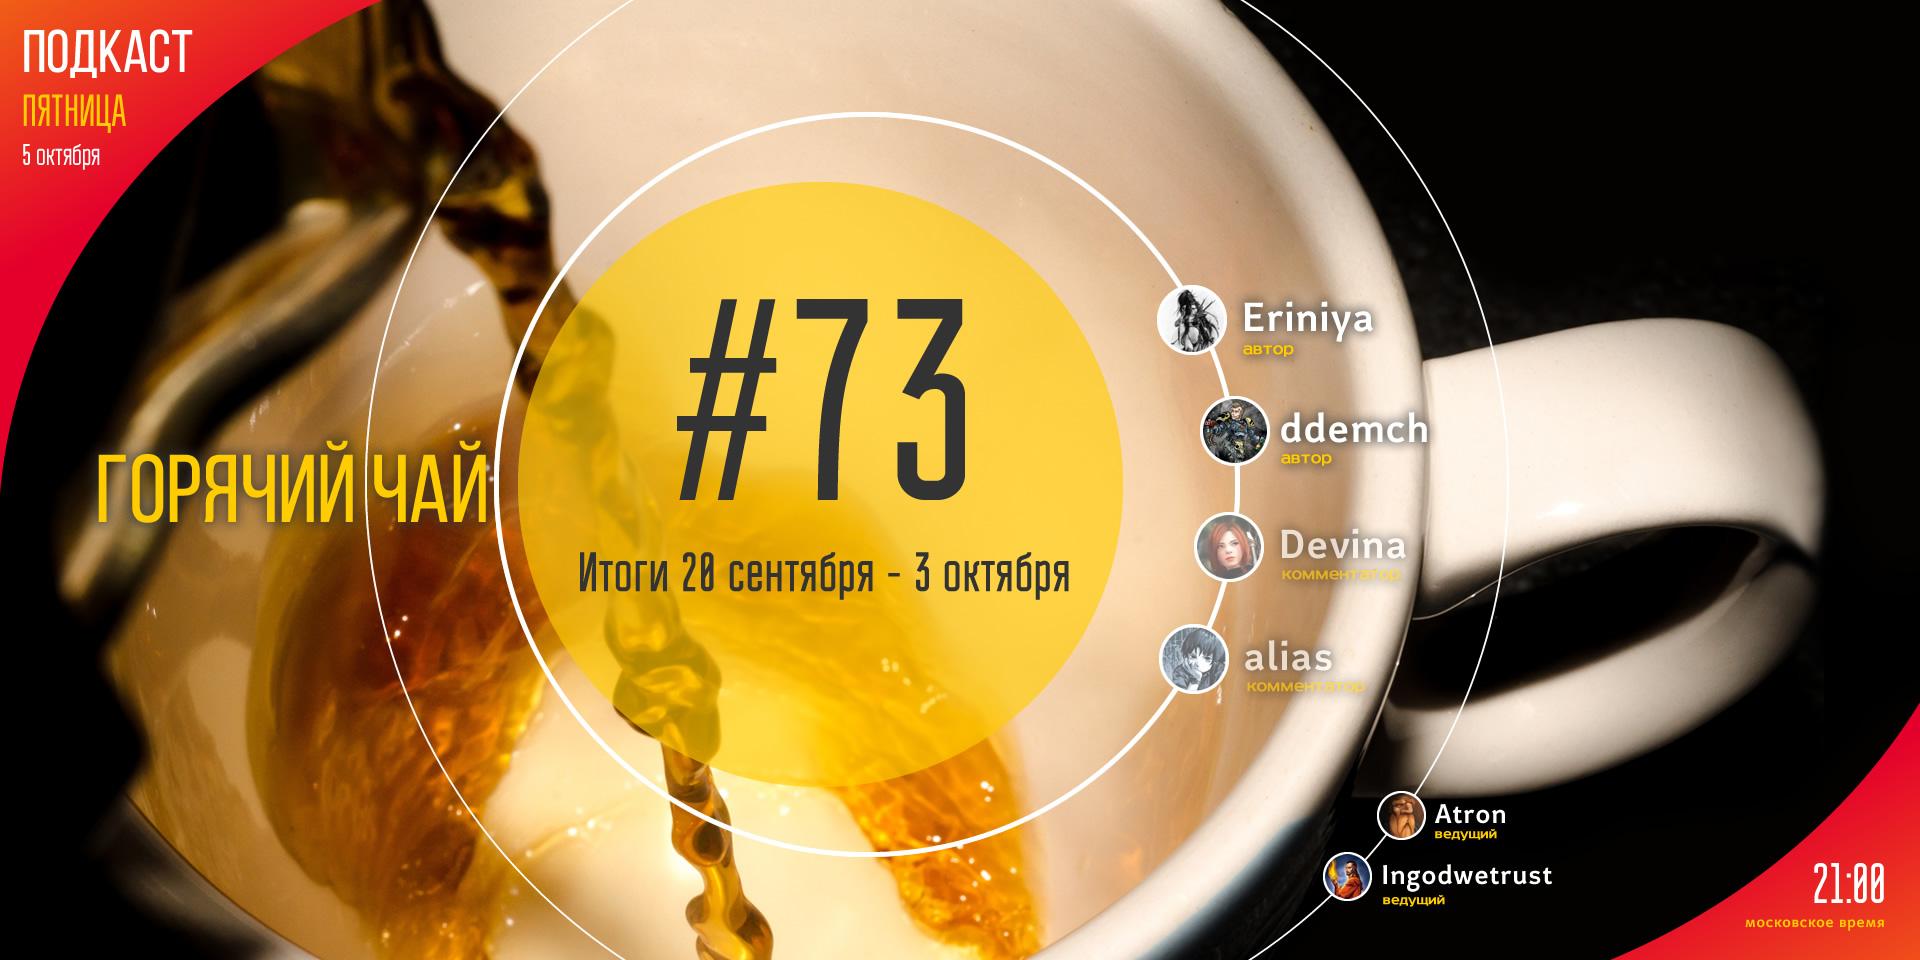 Горячий Чай: Анонс: Горячий Чай #73